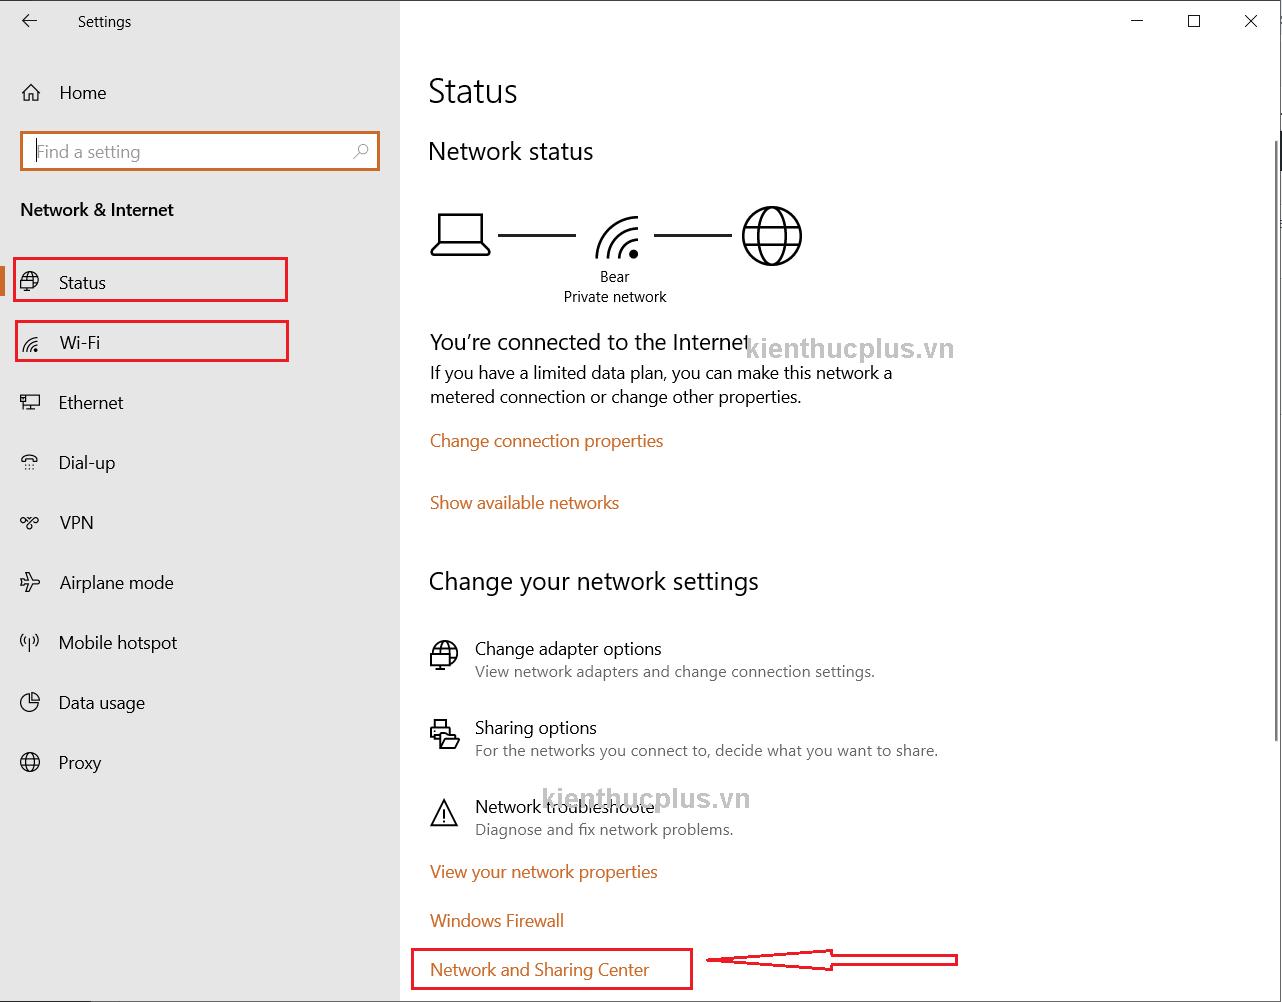 Cách lấy mật khẩu Wifi trên Windows 10 mới nhất